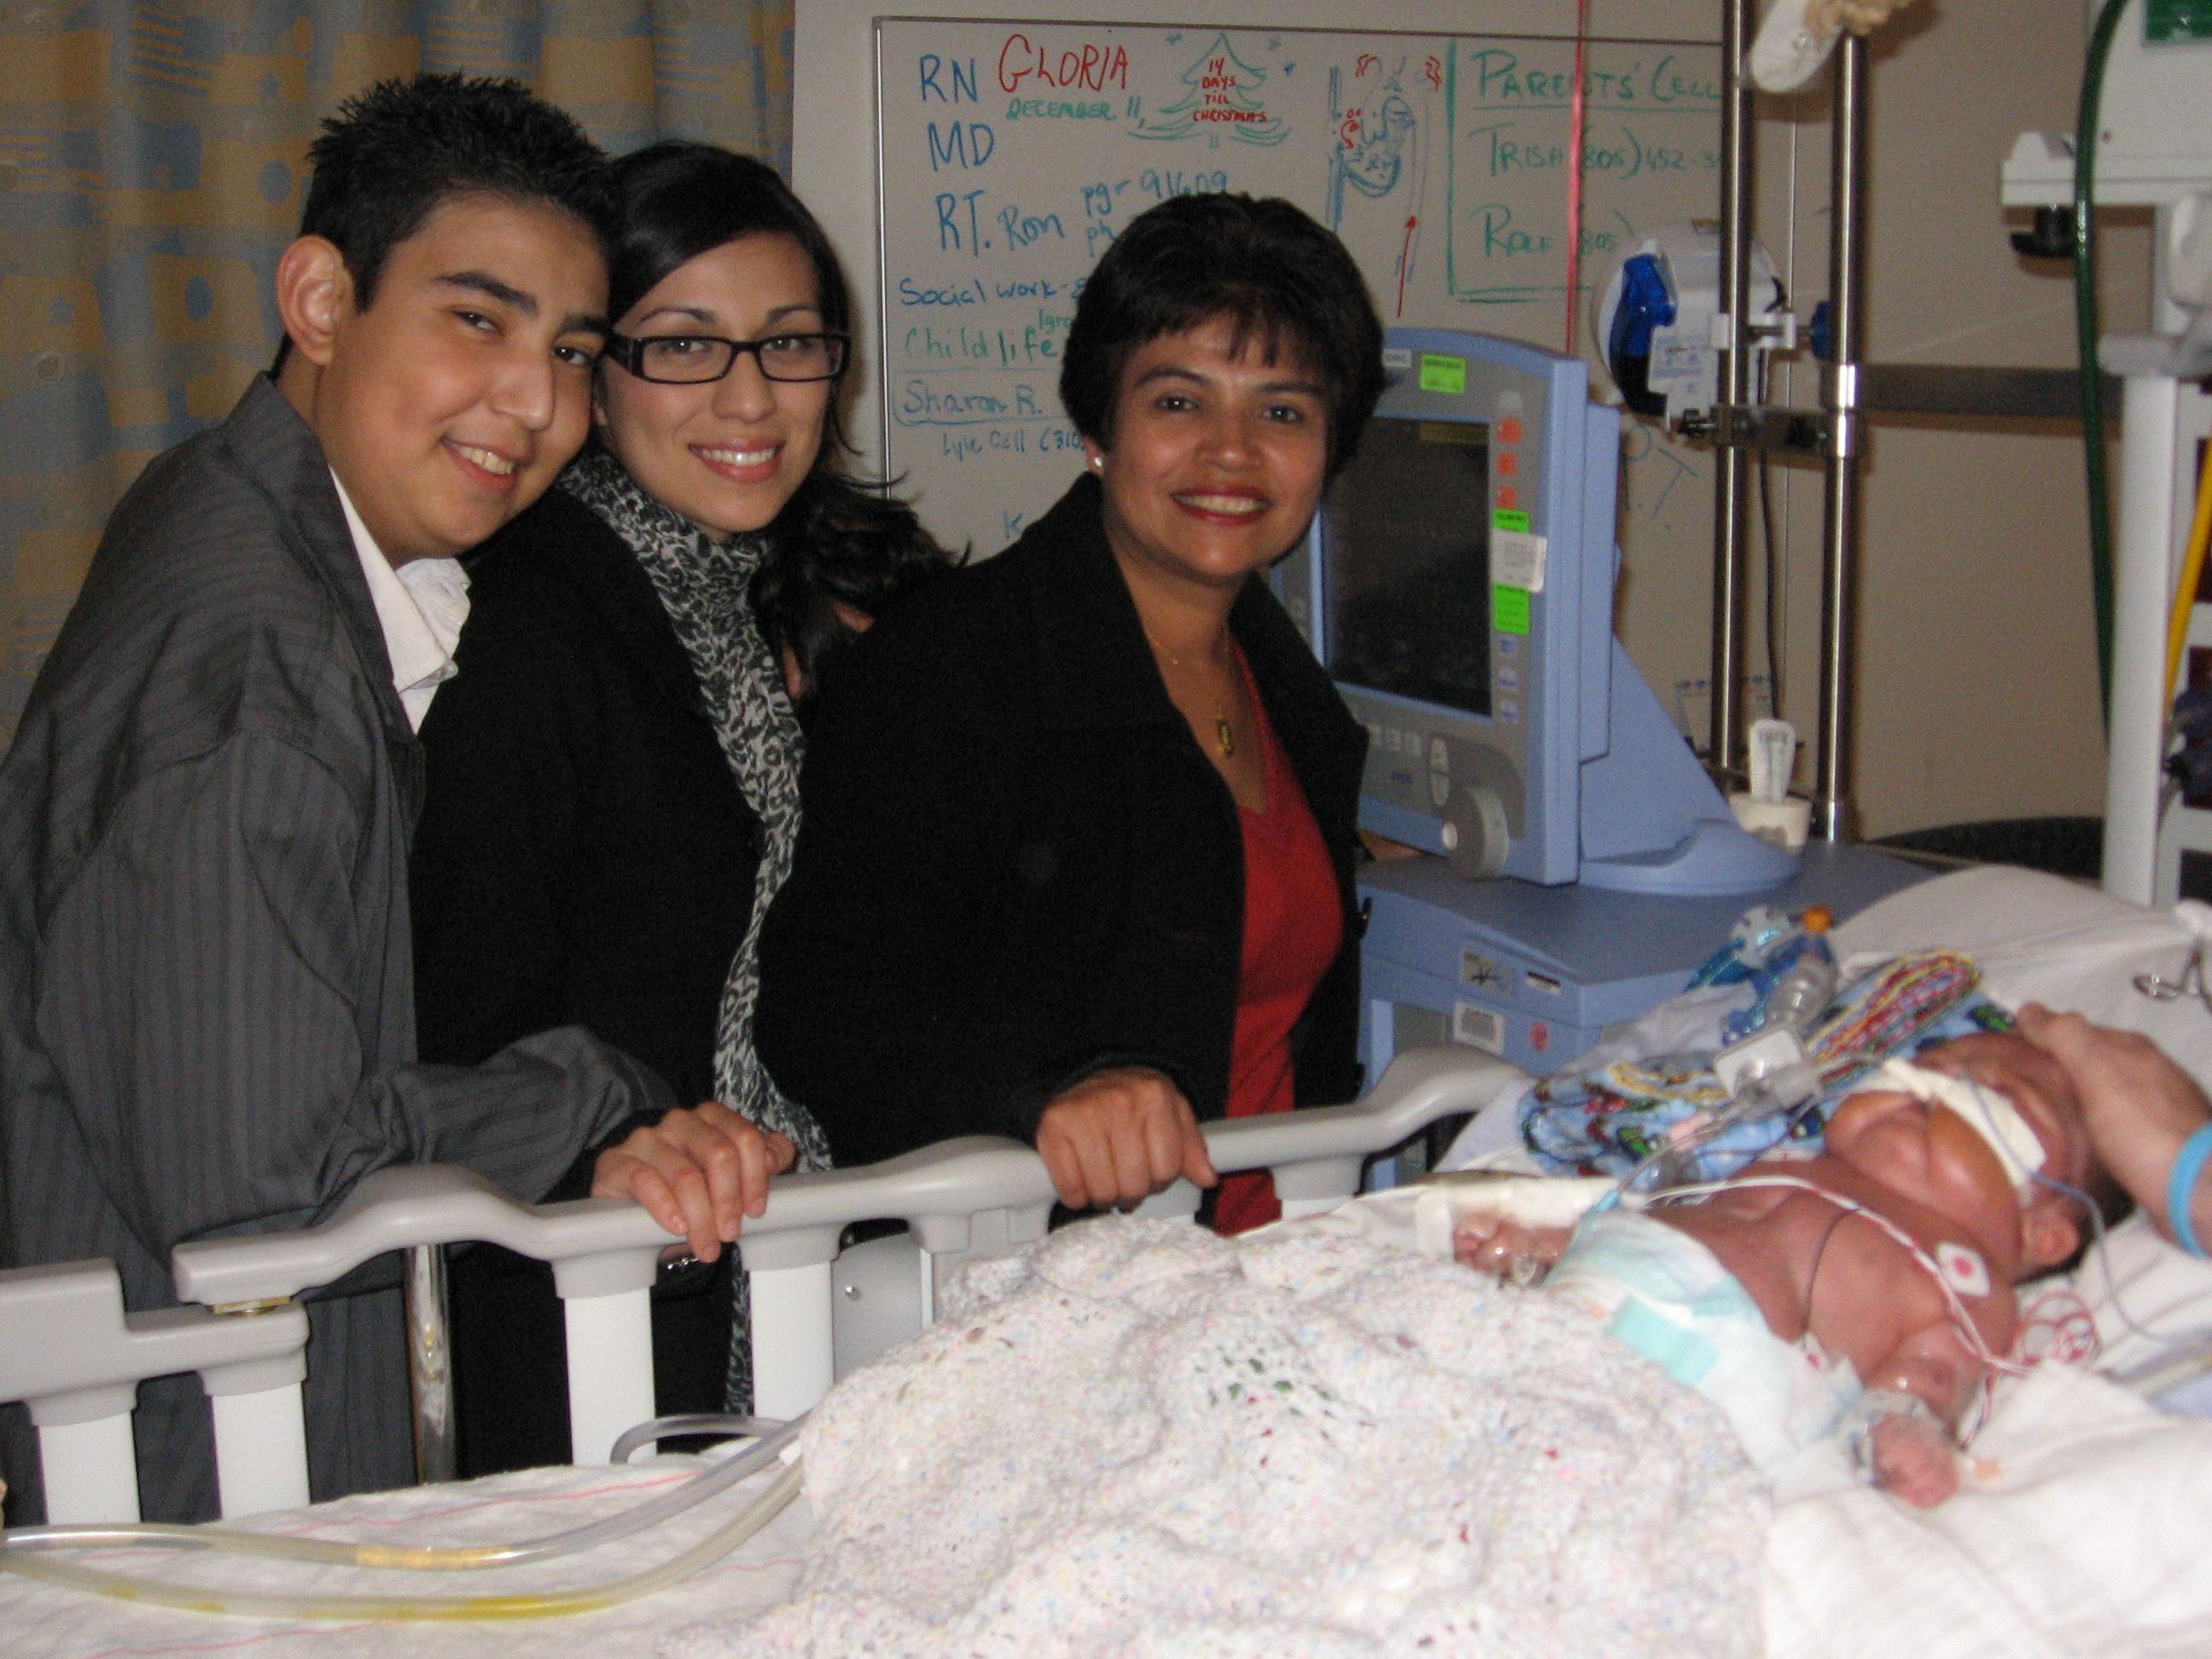 Cesar, Liz and Maria